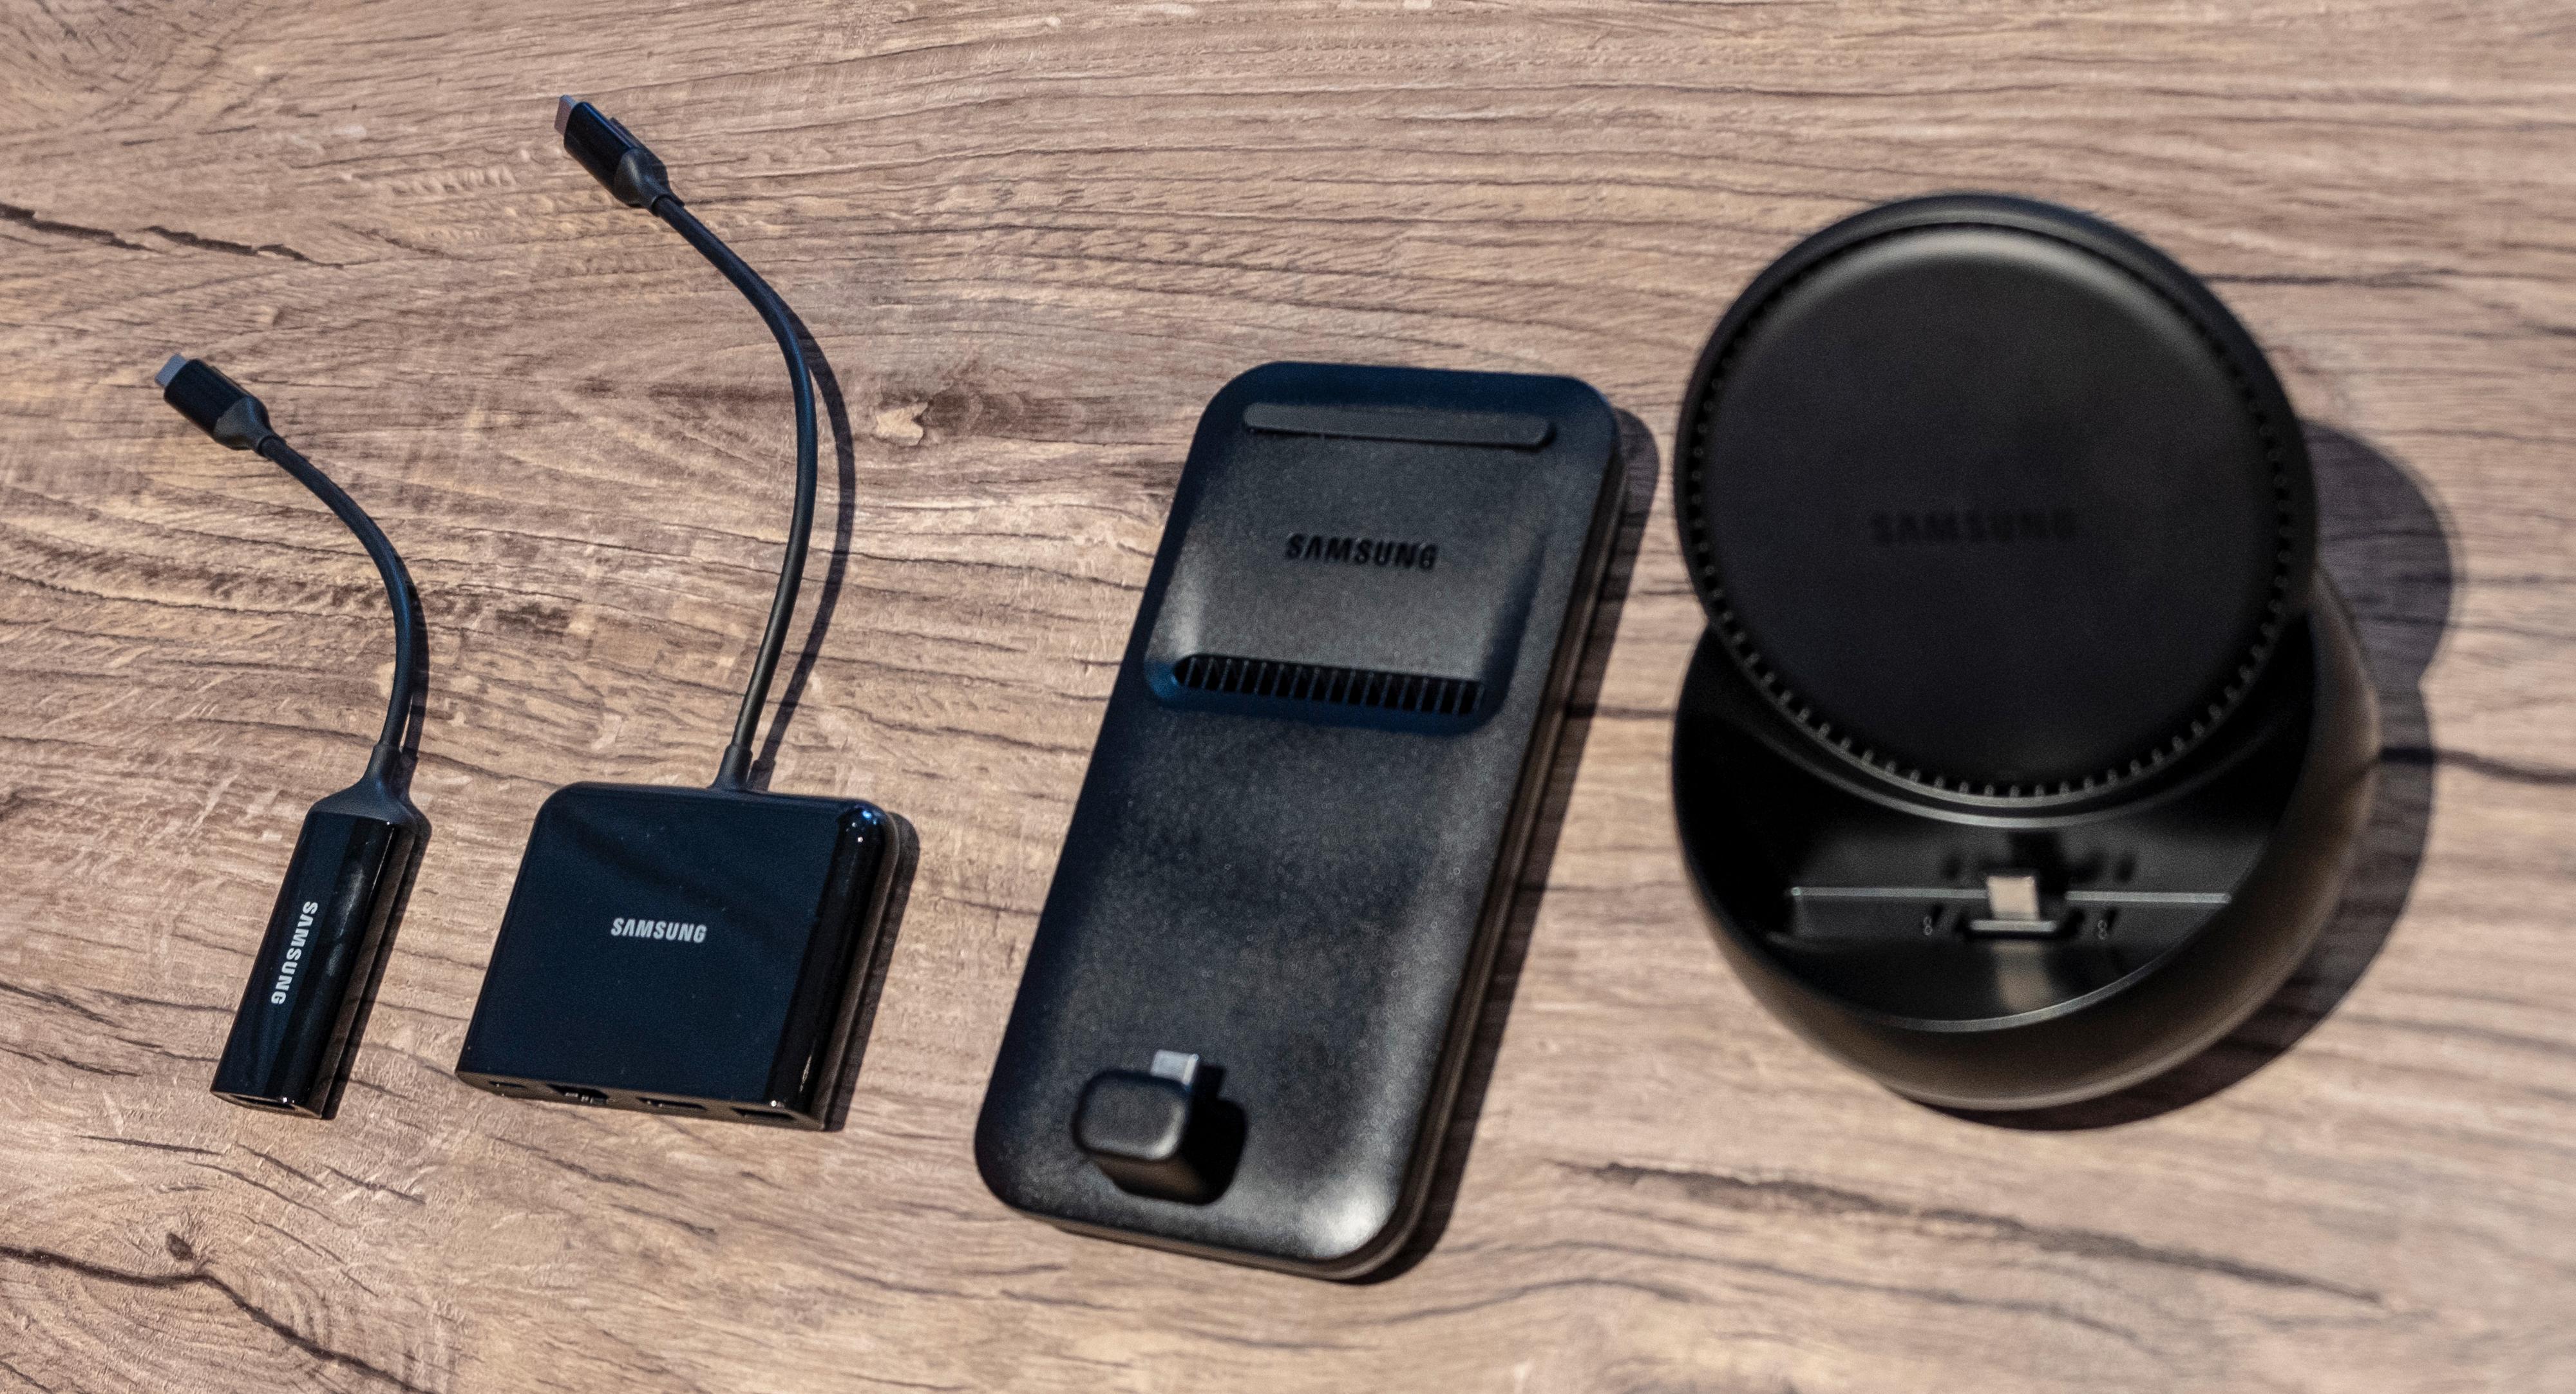 DeX-krybber og kabler i ulike varianter. En ren kabel med HDMI-utgang er den enkleste, mens en variant av samme kabel gir deg USB og nettilkobling i same slengen. DeX-krybbene er som før, og gir deg litt høyere oppløsning enn kablene kan gi.